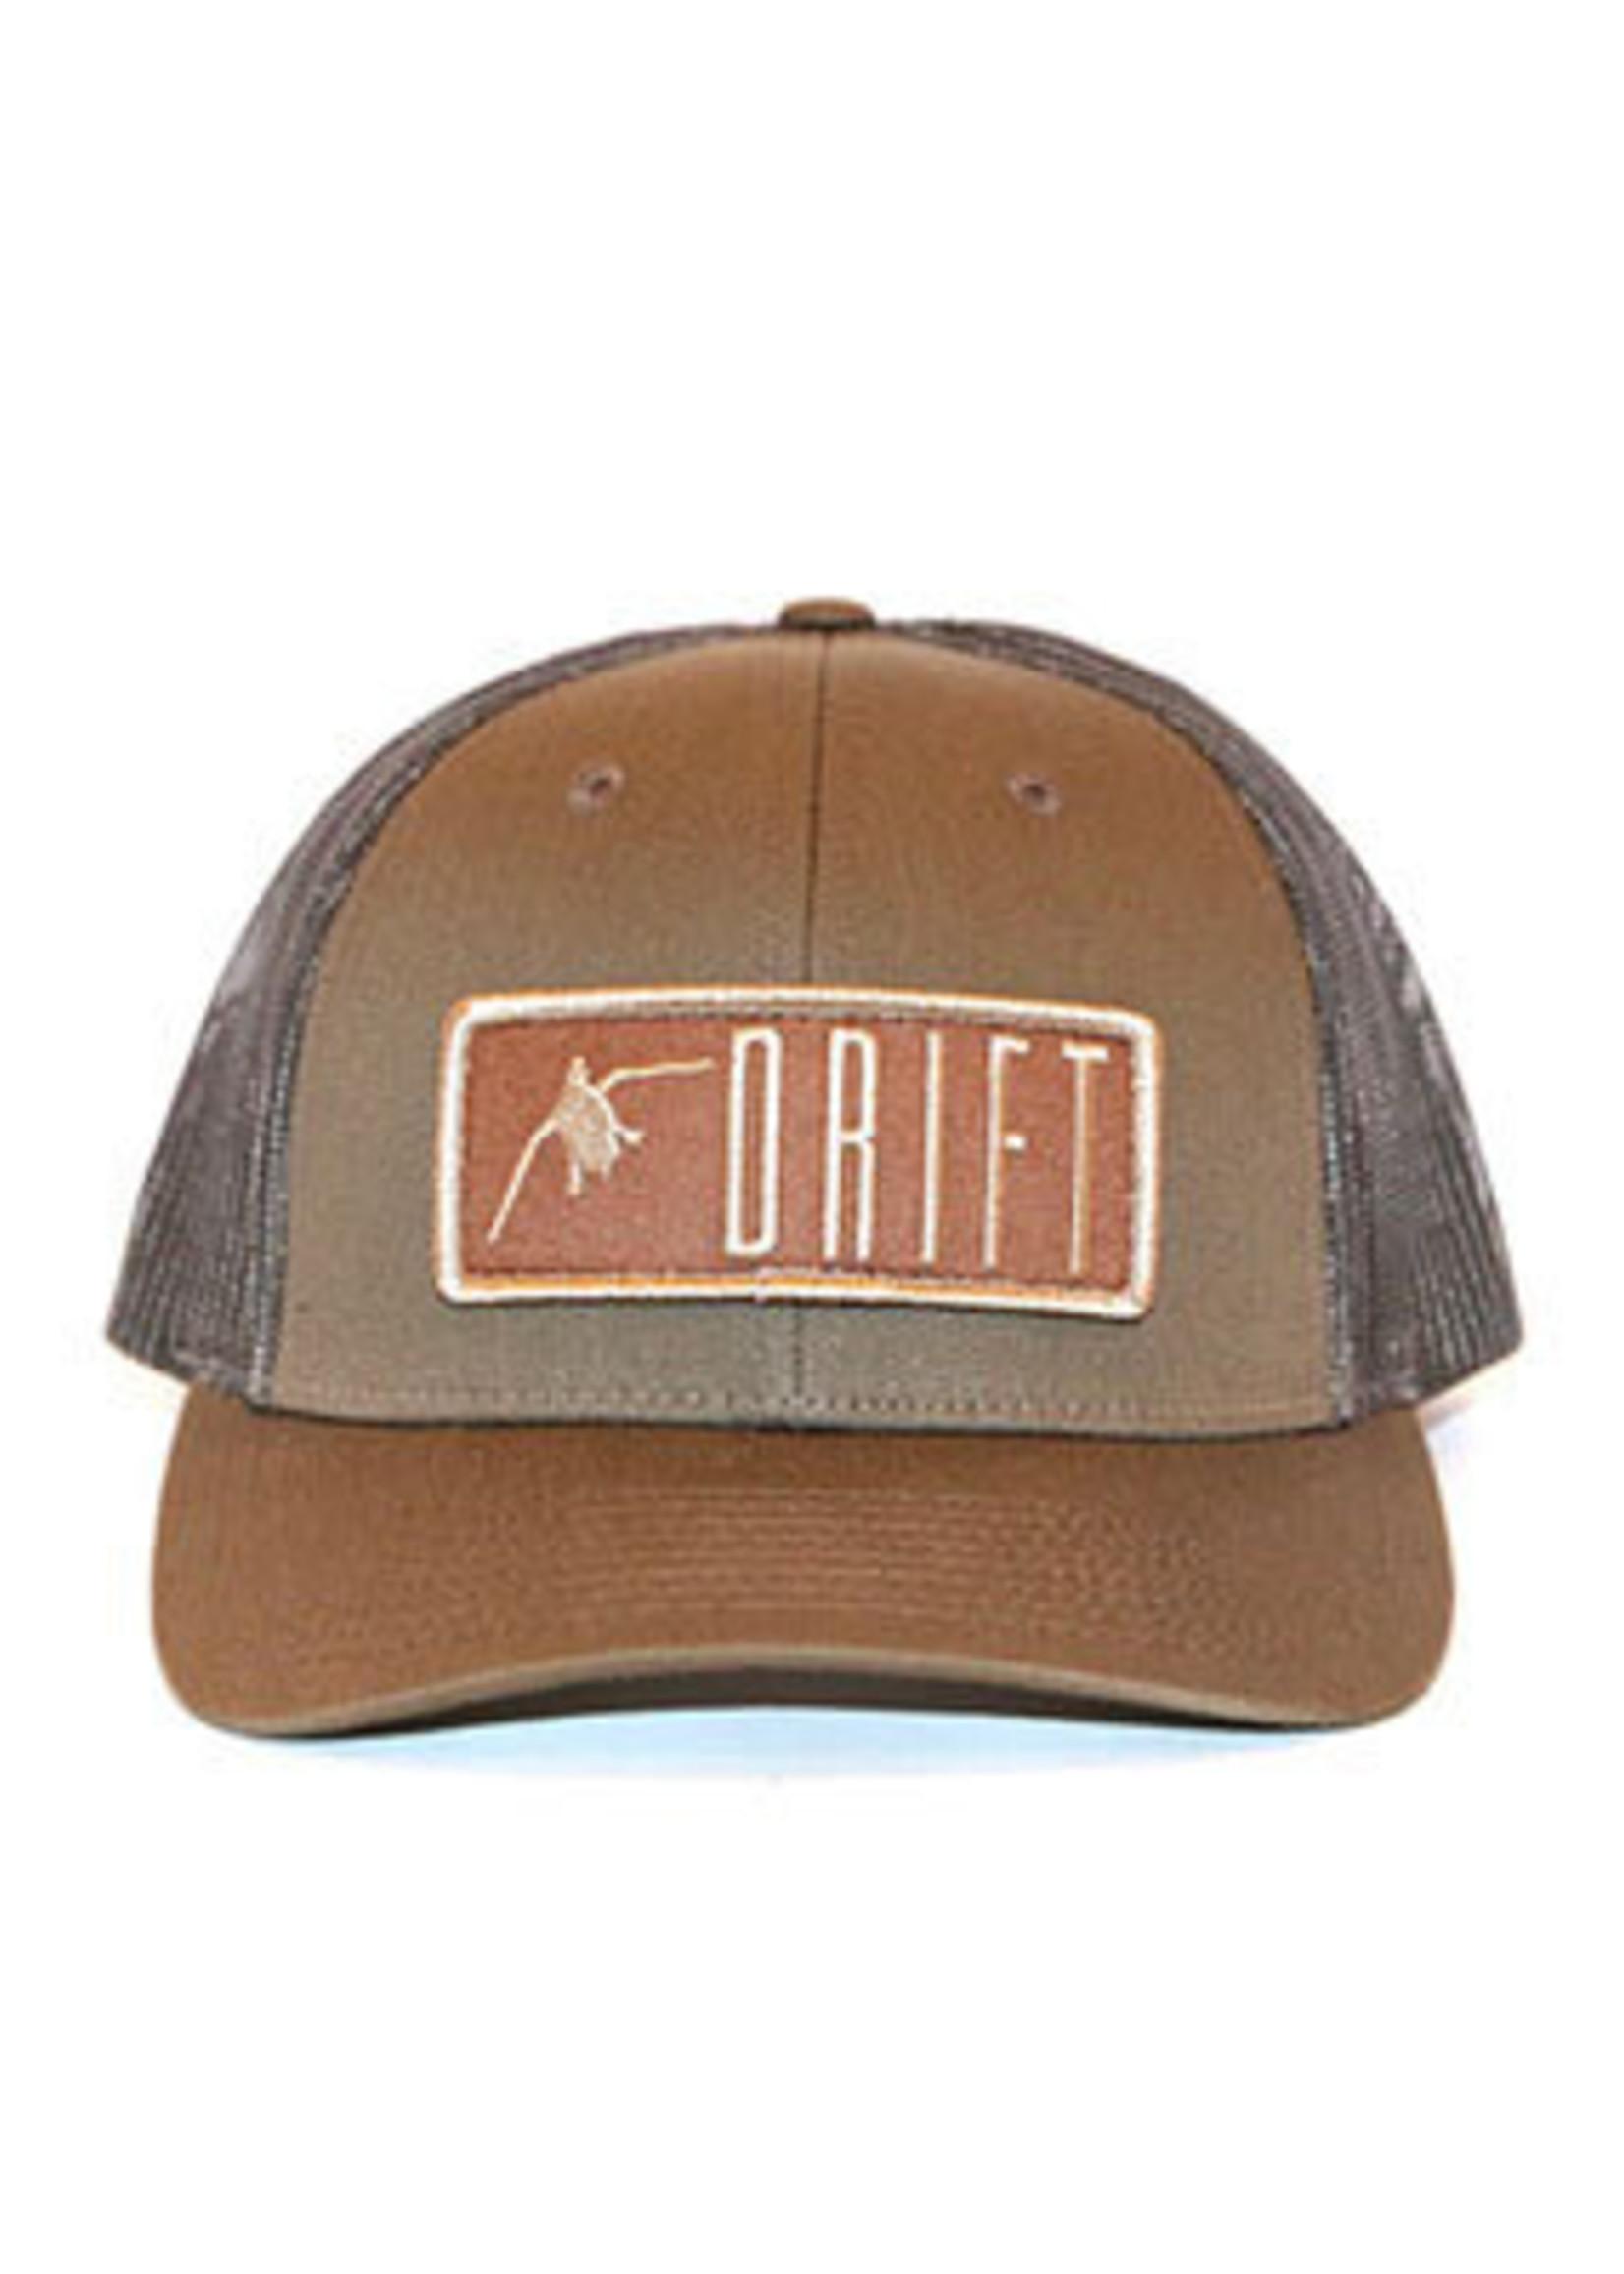 Drift Fly Co. Waterfowl Low Pro Trucker Brown